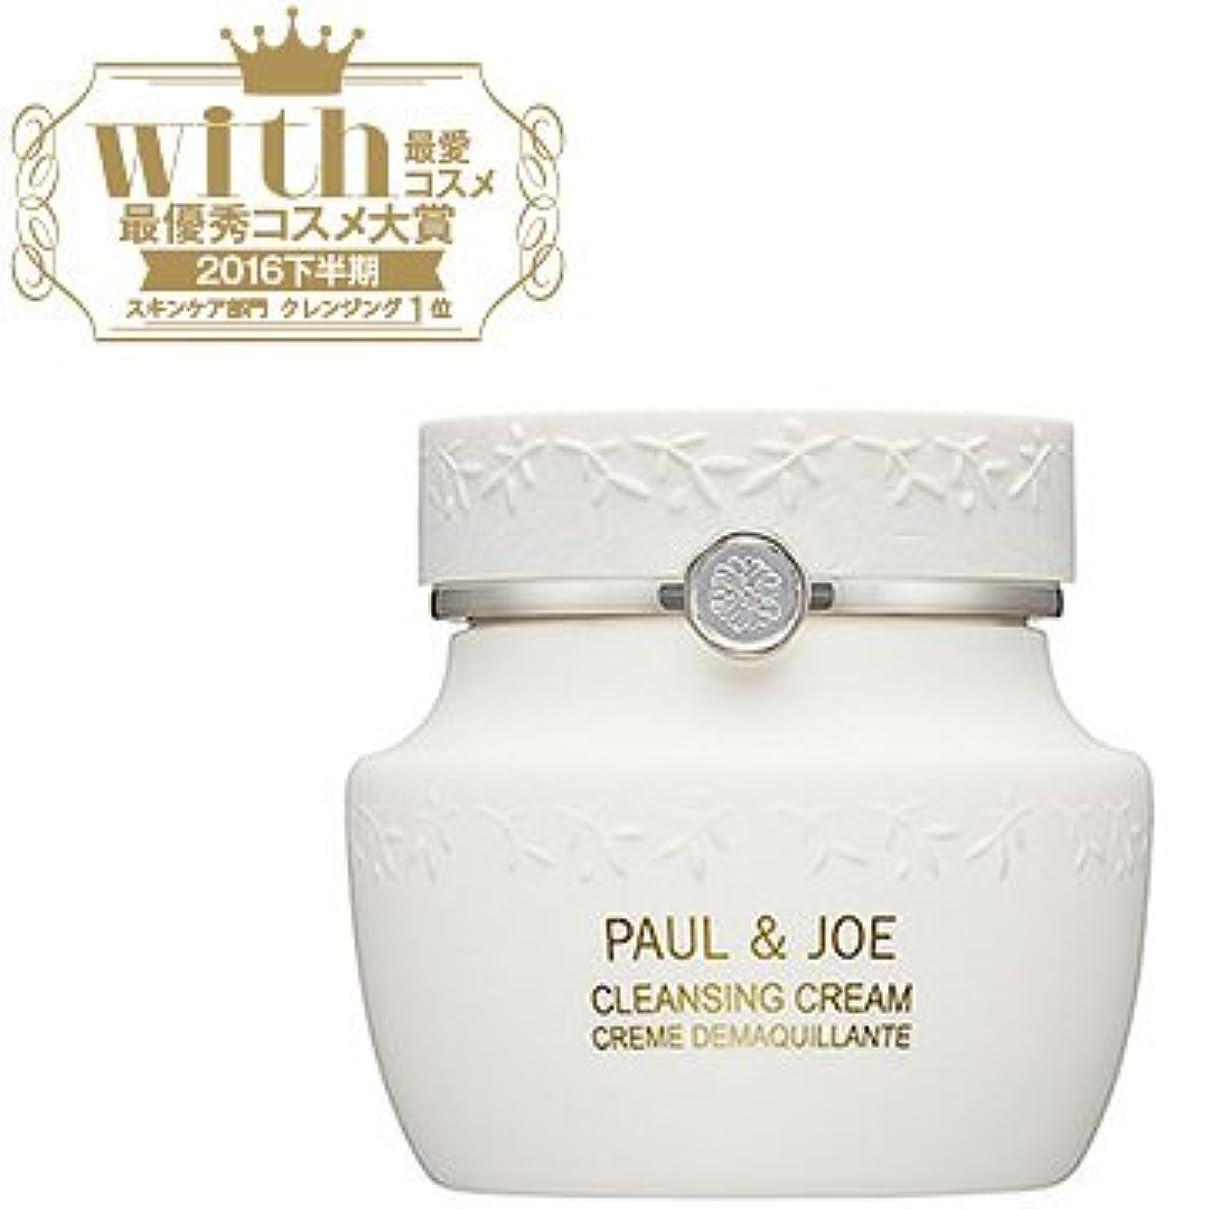 ふける港以降ポール&ジョー PAUL&JOEクレンジング クリーム Cleansing Cream 150g [並行輸入品]